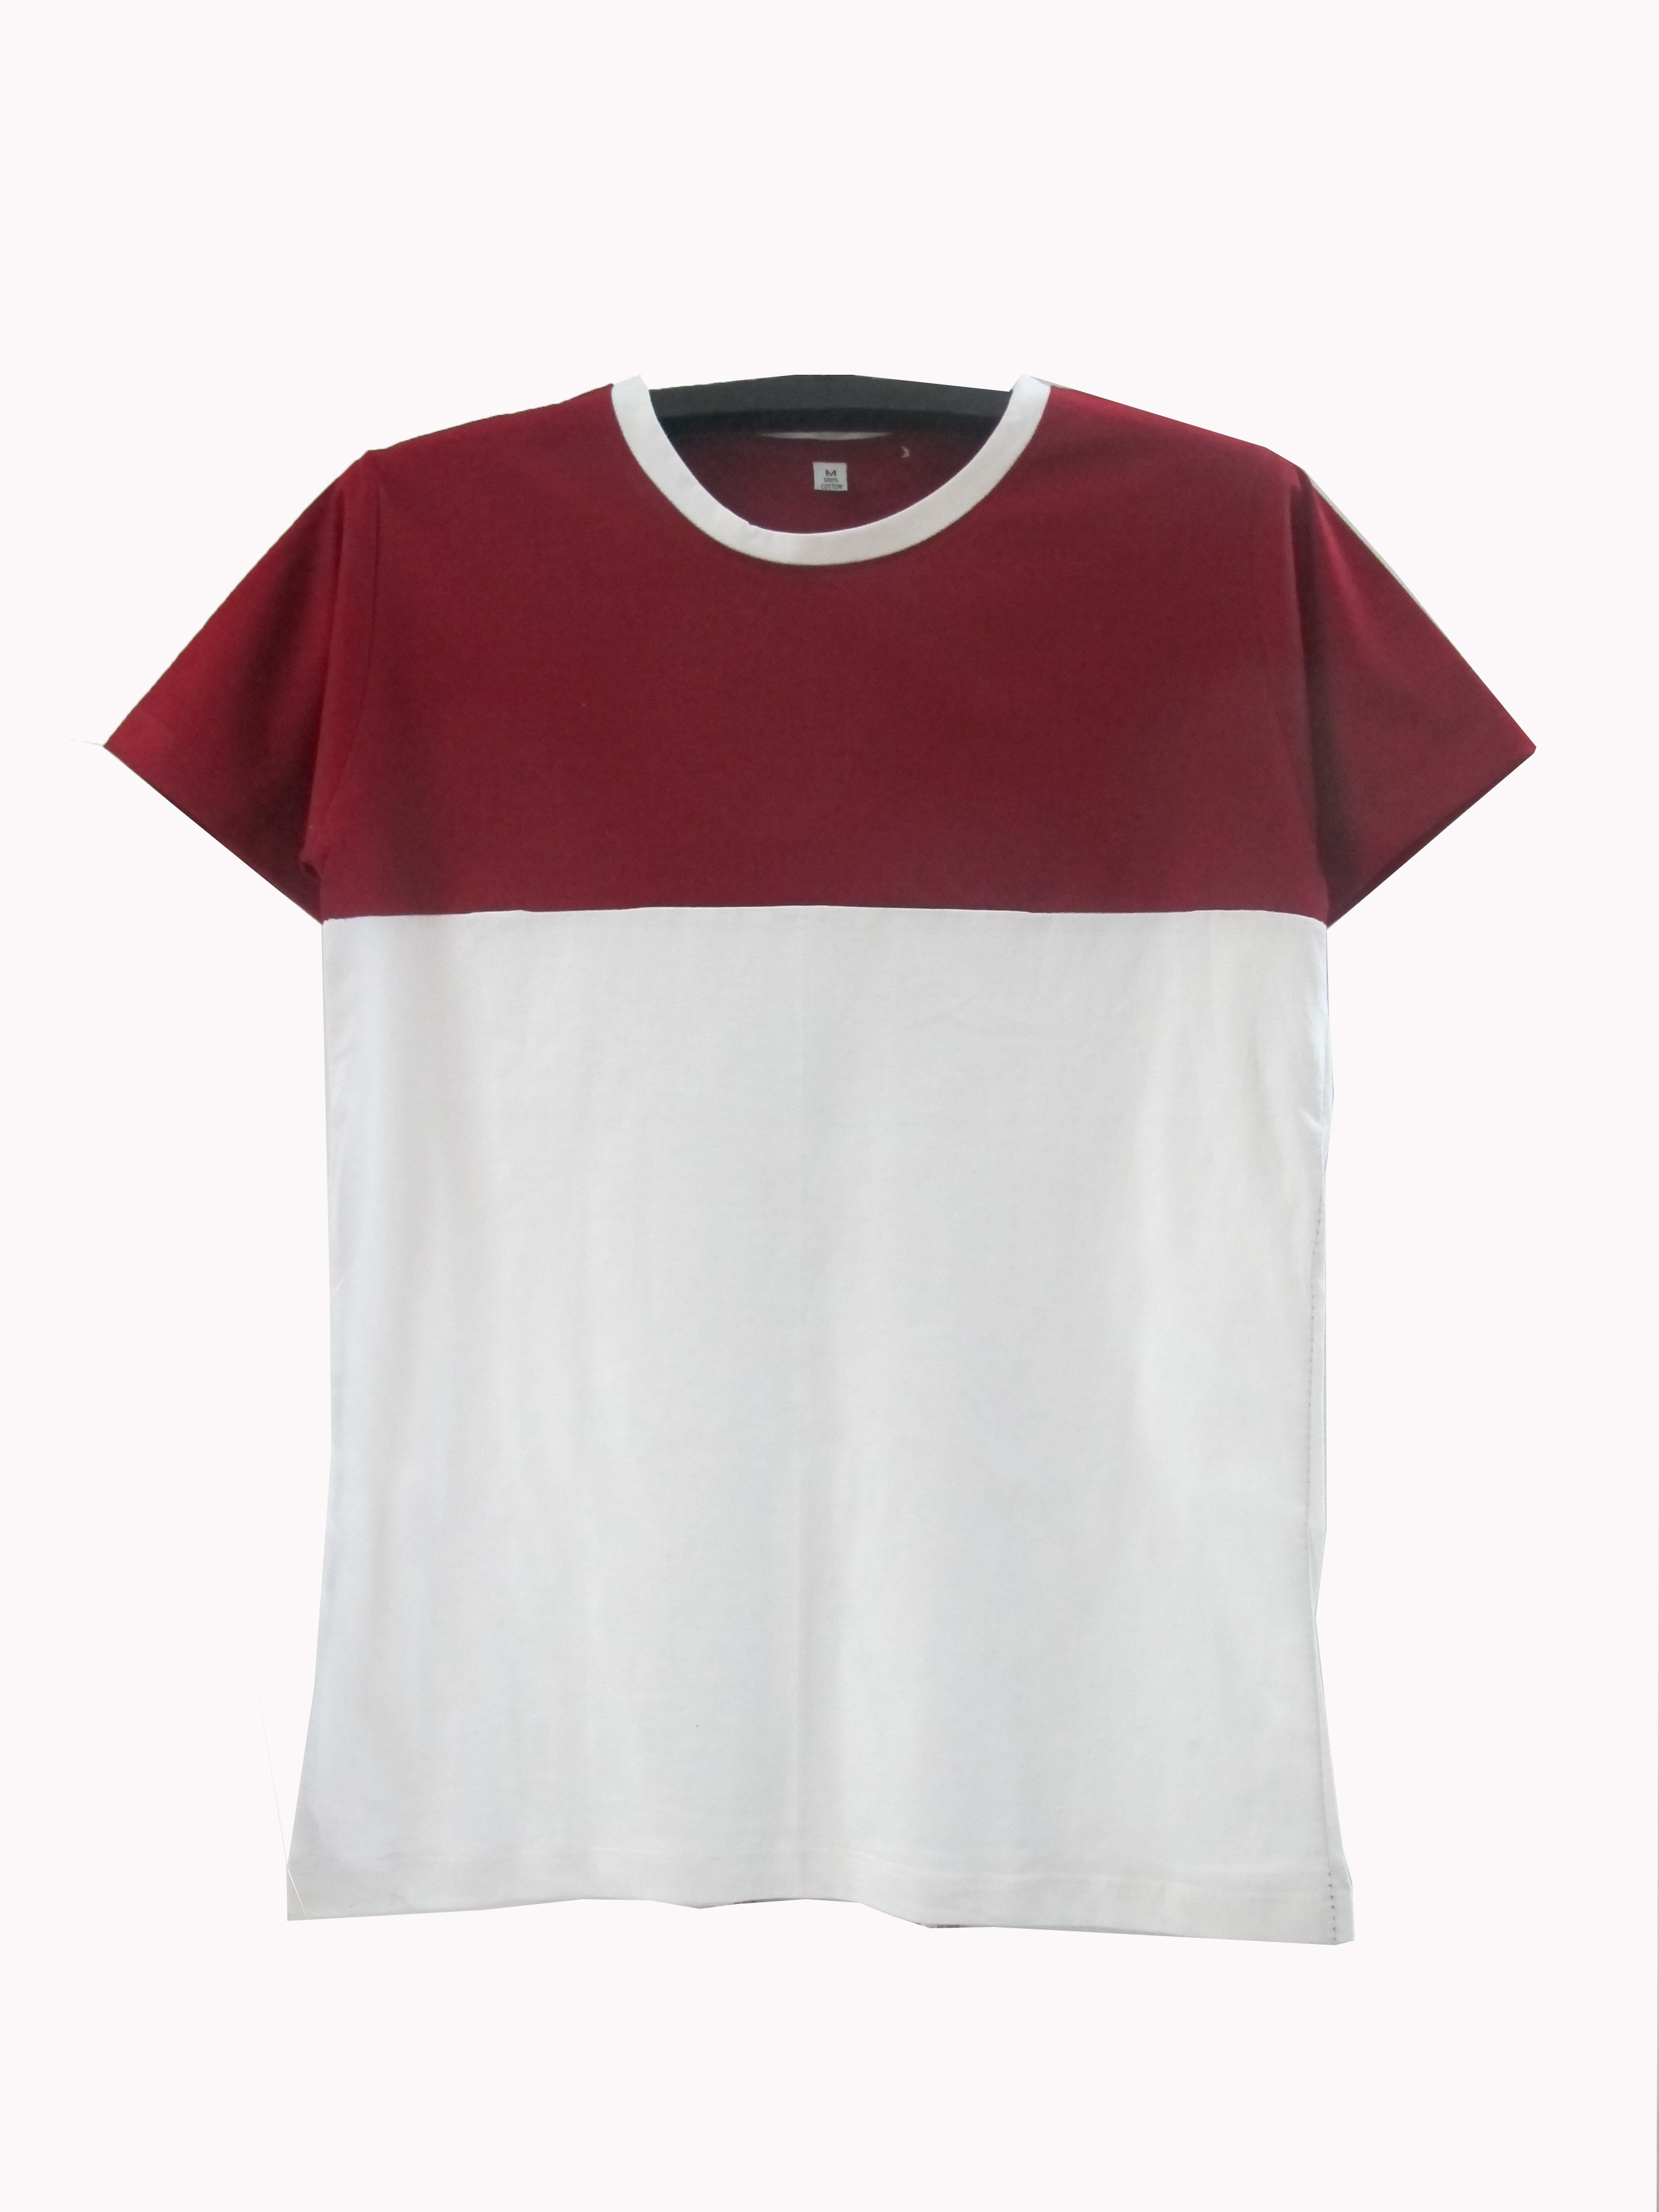 เสื้อตัดต่อข้างบนสีข้างล่างขาว สีเลือดหมู